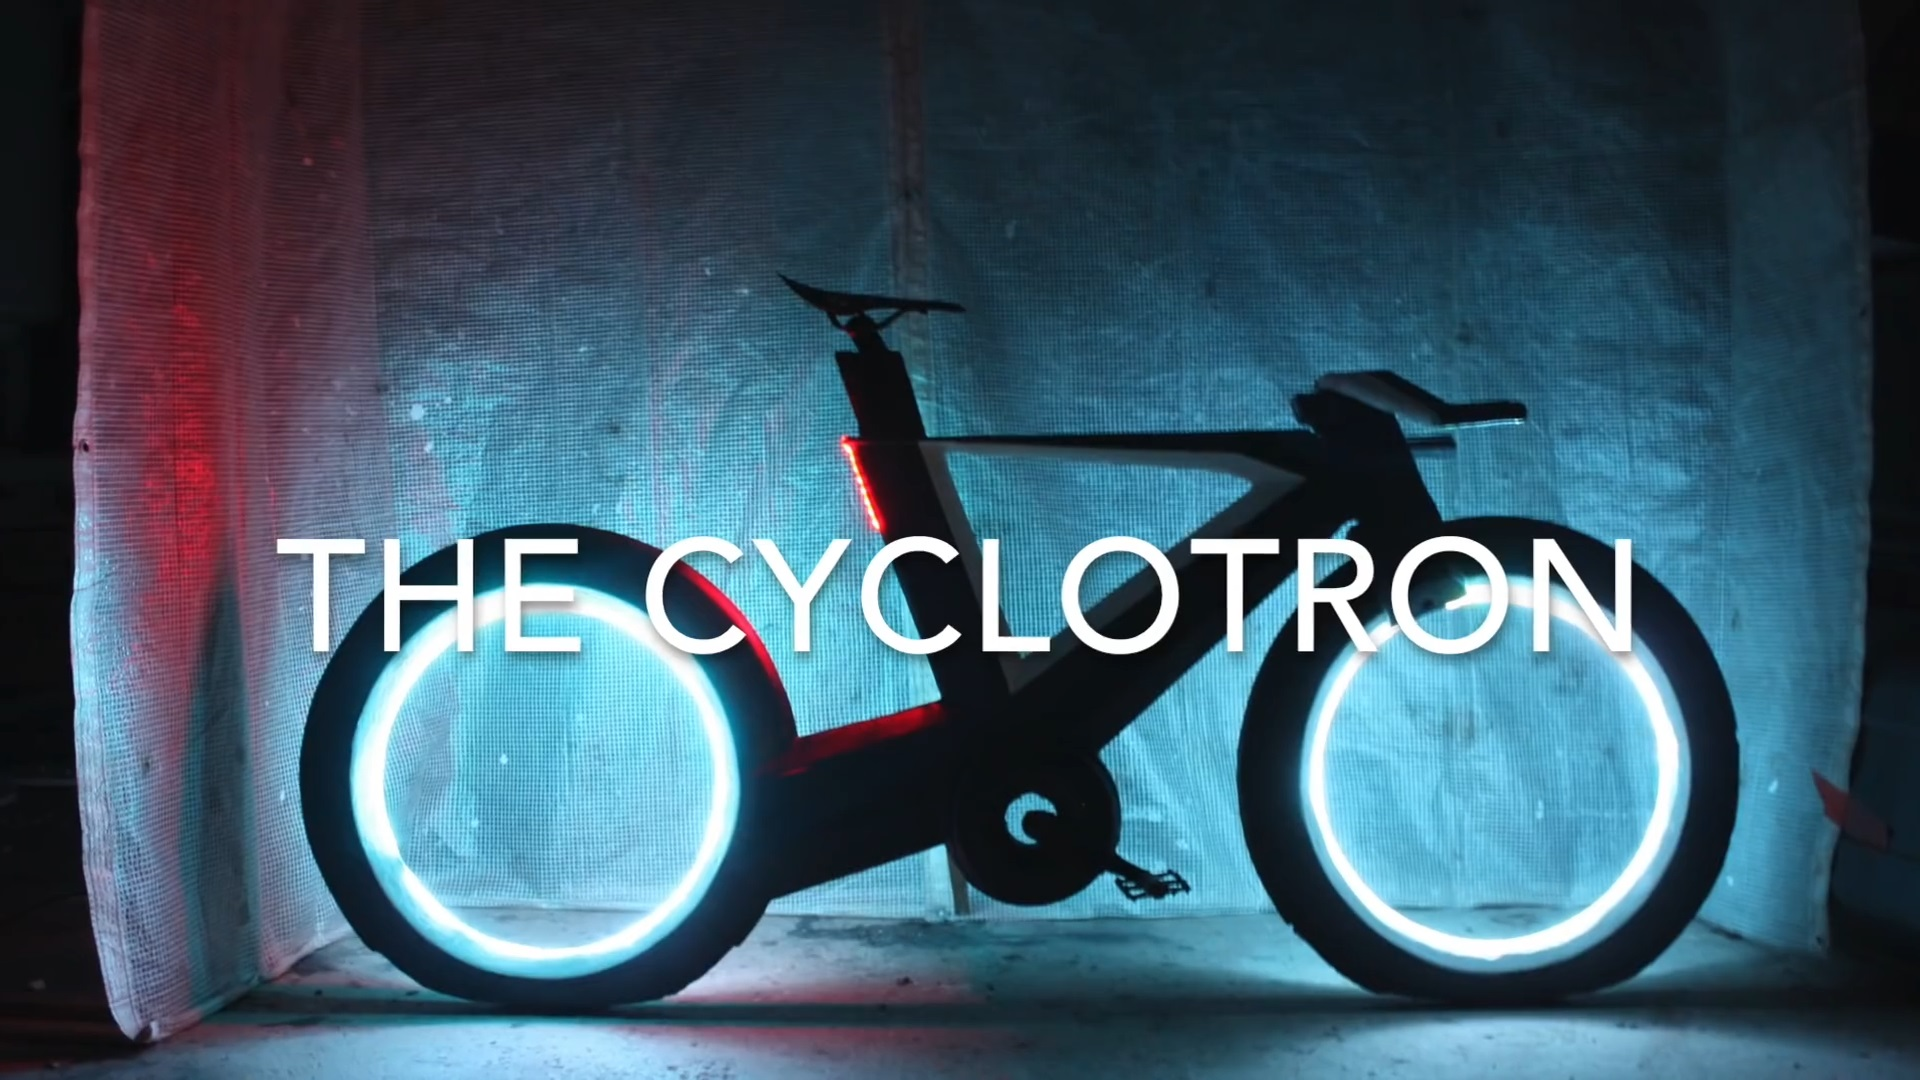 爷爱怀旧 YouTube每日视频精选 超酷炫的回旋加速自行车 骑上它仿佛进入了创战纪的虚拟世界 微博@爷爱怀旧 爷爱怀旧